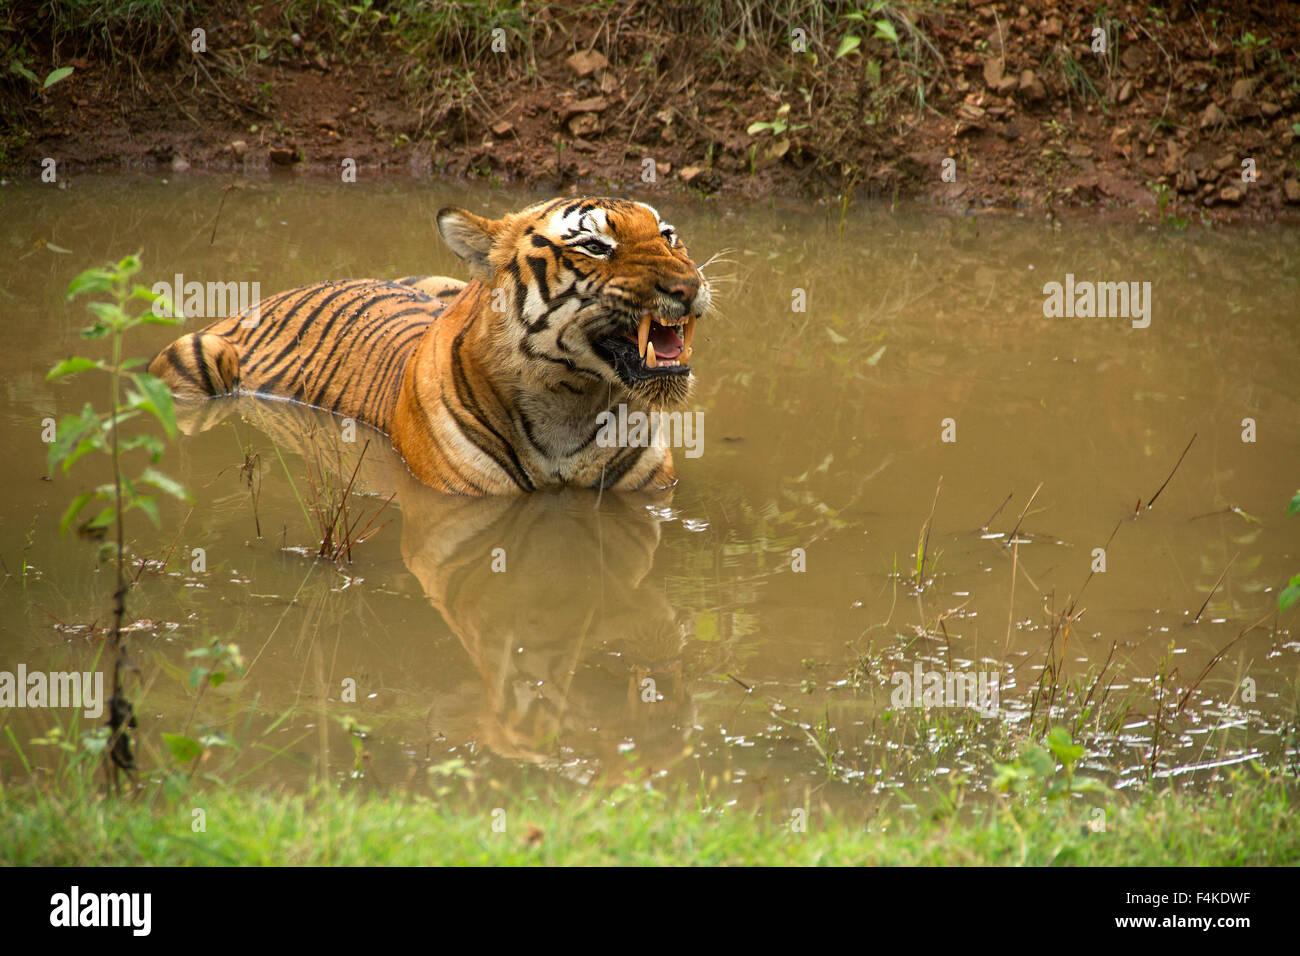 tigers in the mud epub